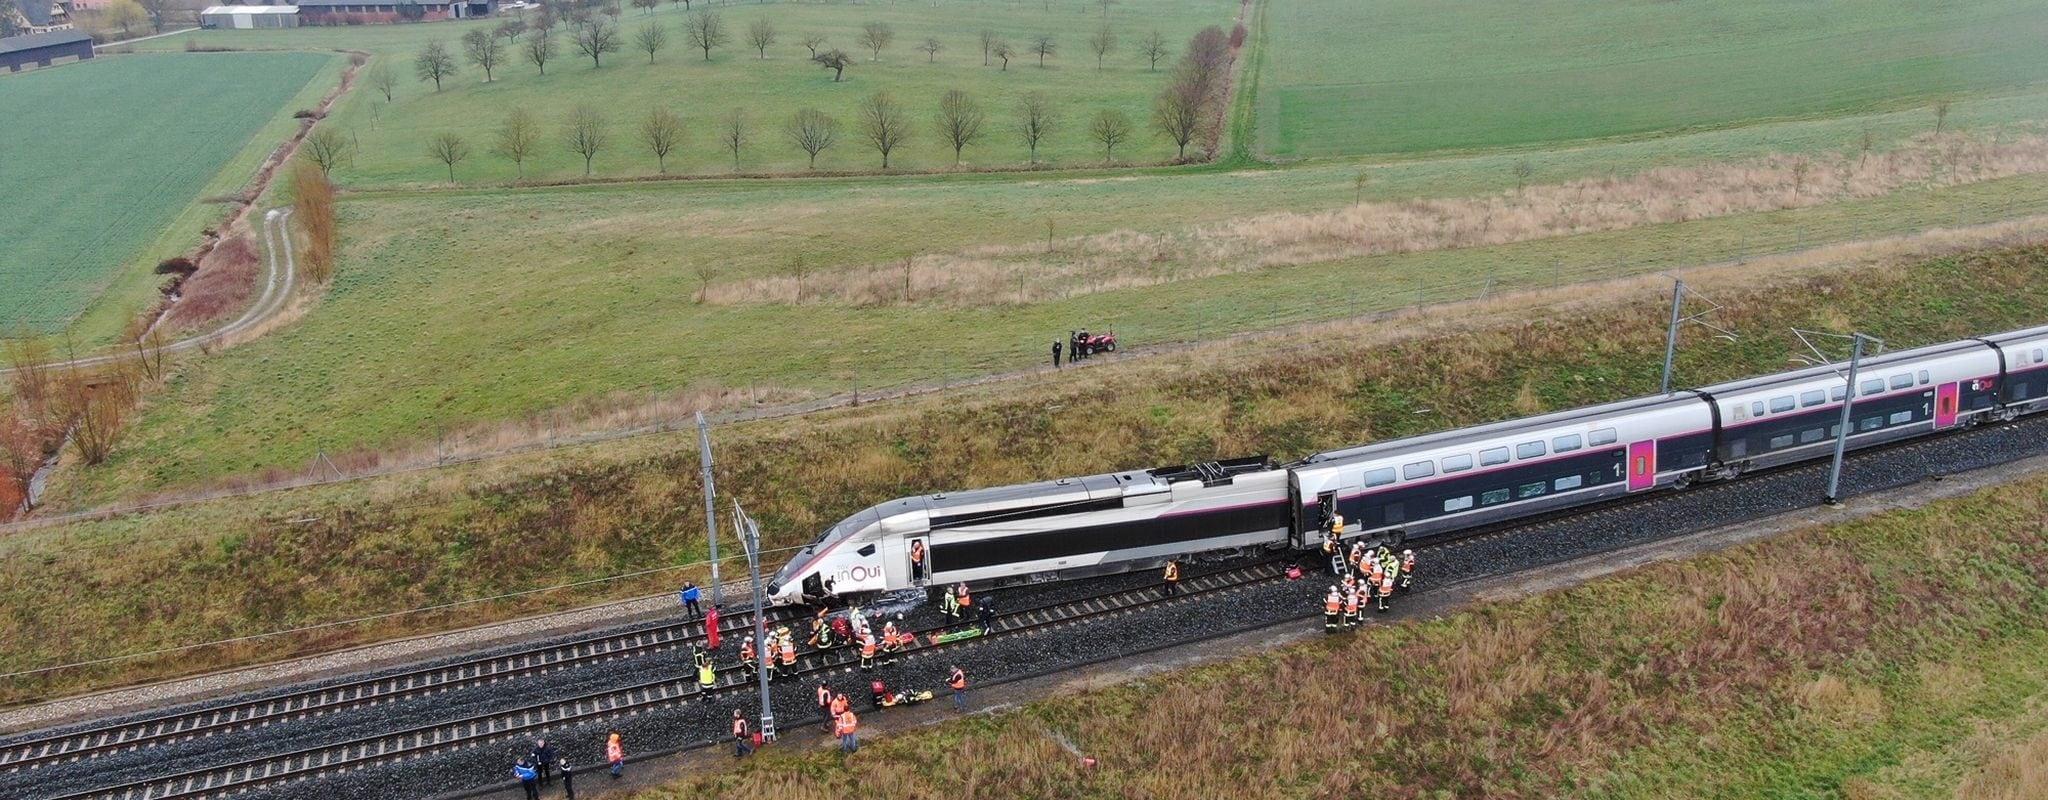 Un TGV Strasbourg-Paris déraille près de Saverne: 22 blessés dont un grave